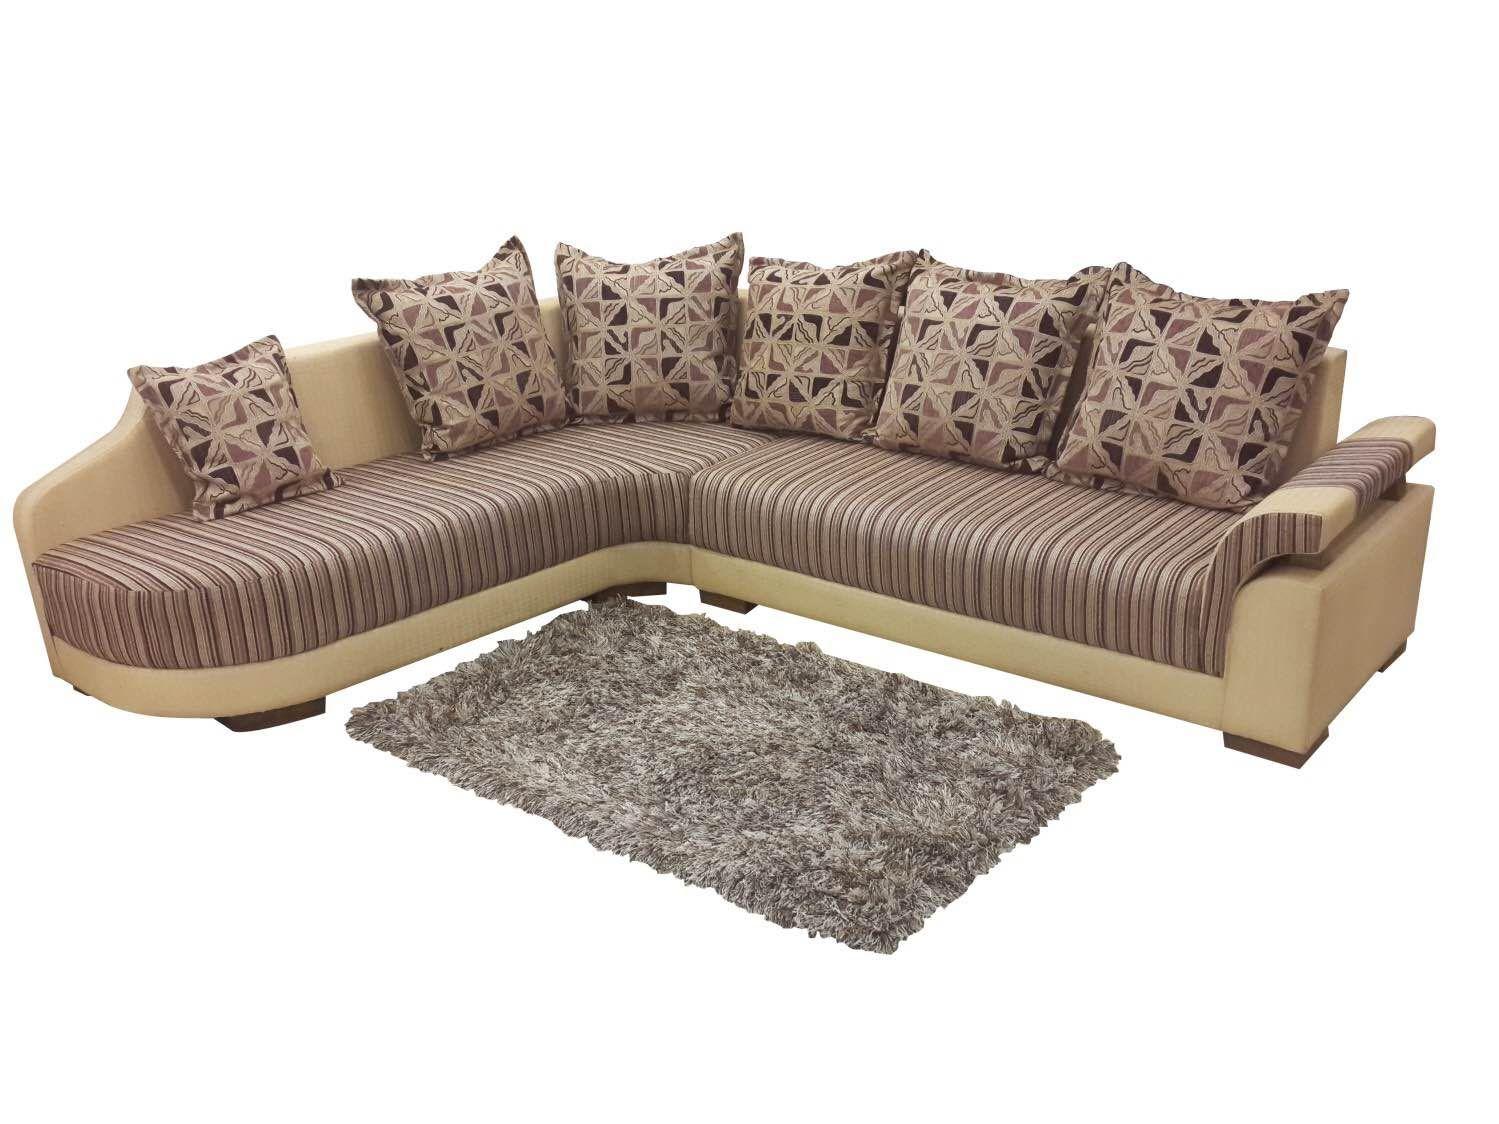 Full Size of Sofa Auf Rechnung Kaufen Als Neukunde Trotz Schufa Couch Raten Online Bestellen Ratenkauf 19 Genial Hersteller Hülsta Polster Reinigen Heimkino Sitzhöhe 55 Sofa Sofa Auf Raten